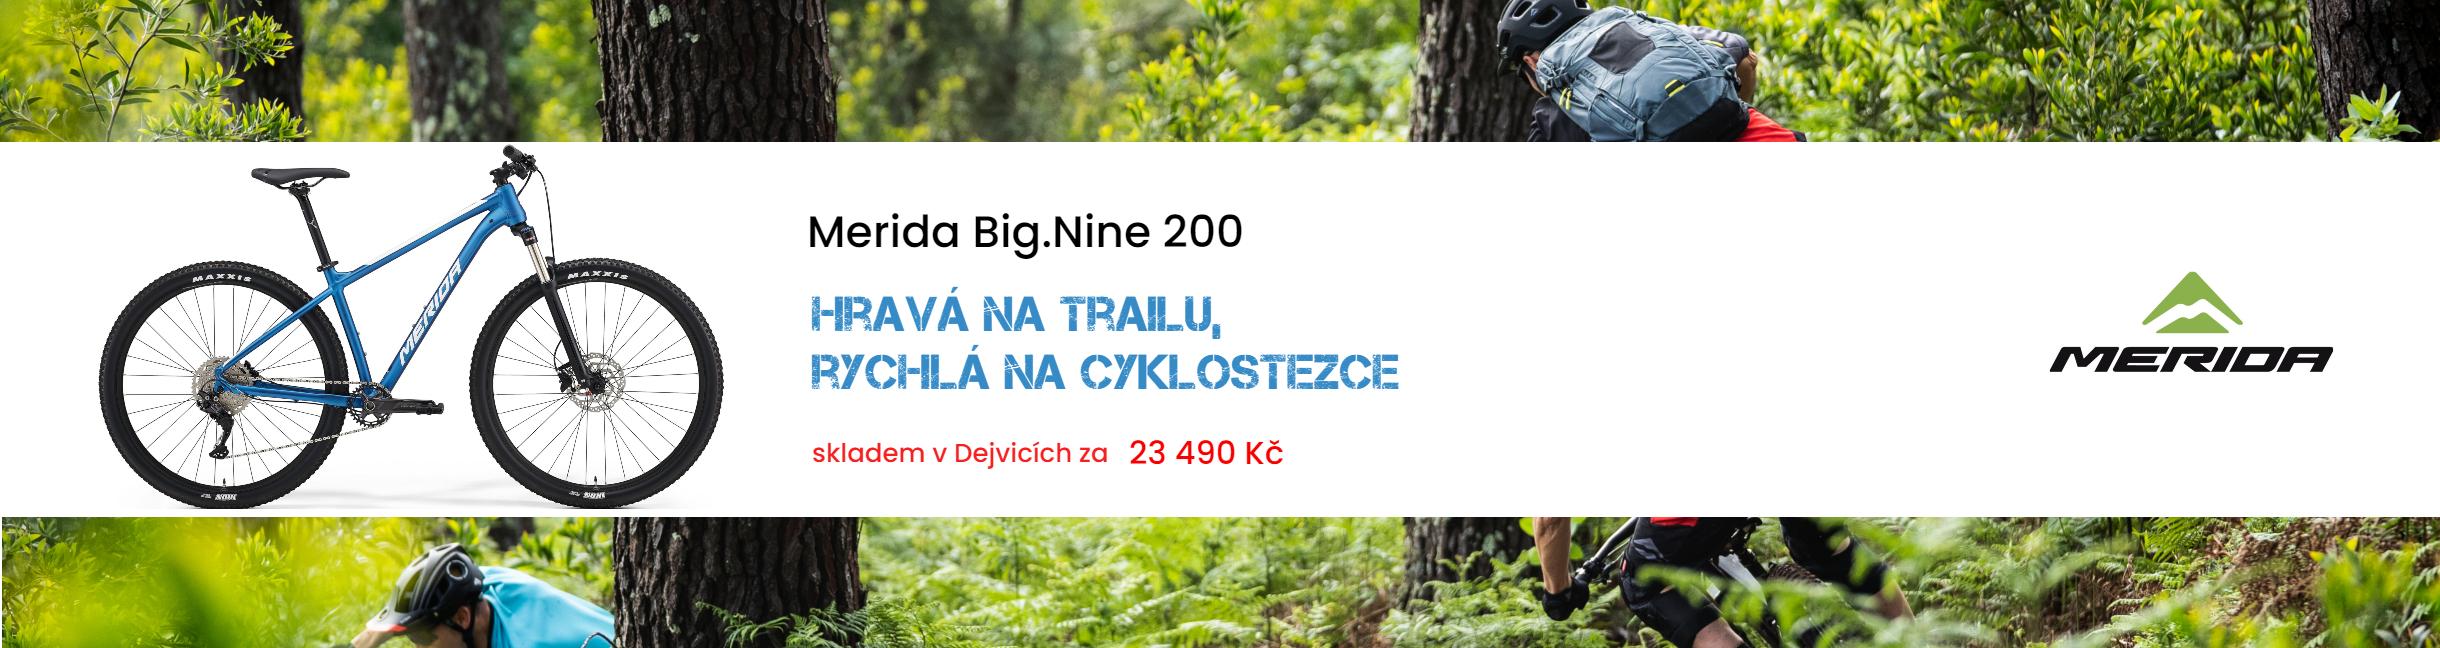 Big.Nine